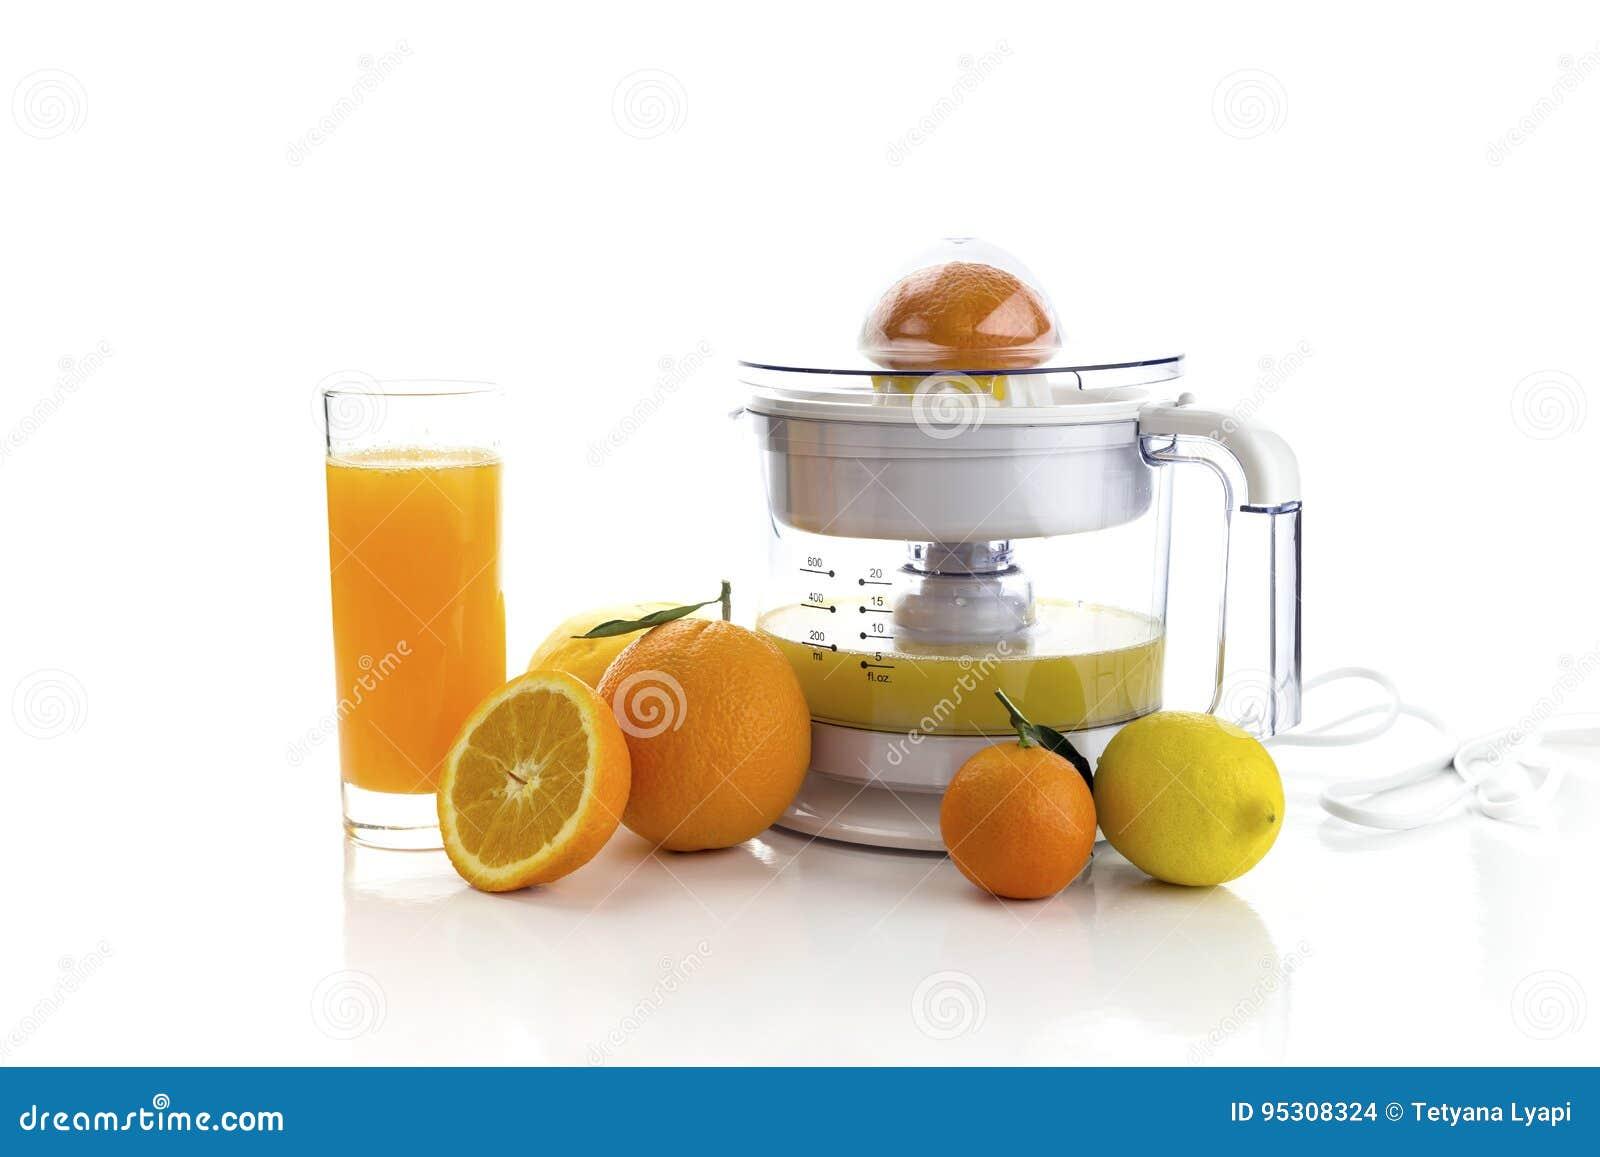 Elektrisk citrus juicer